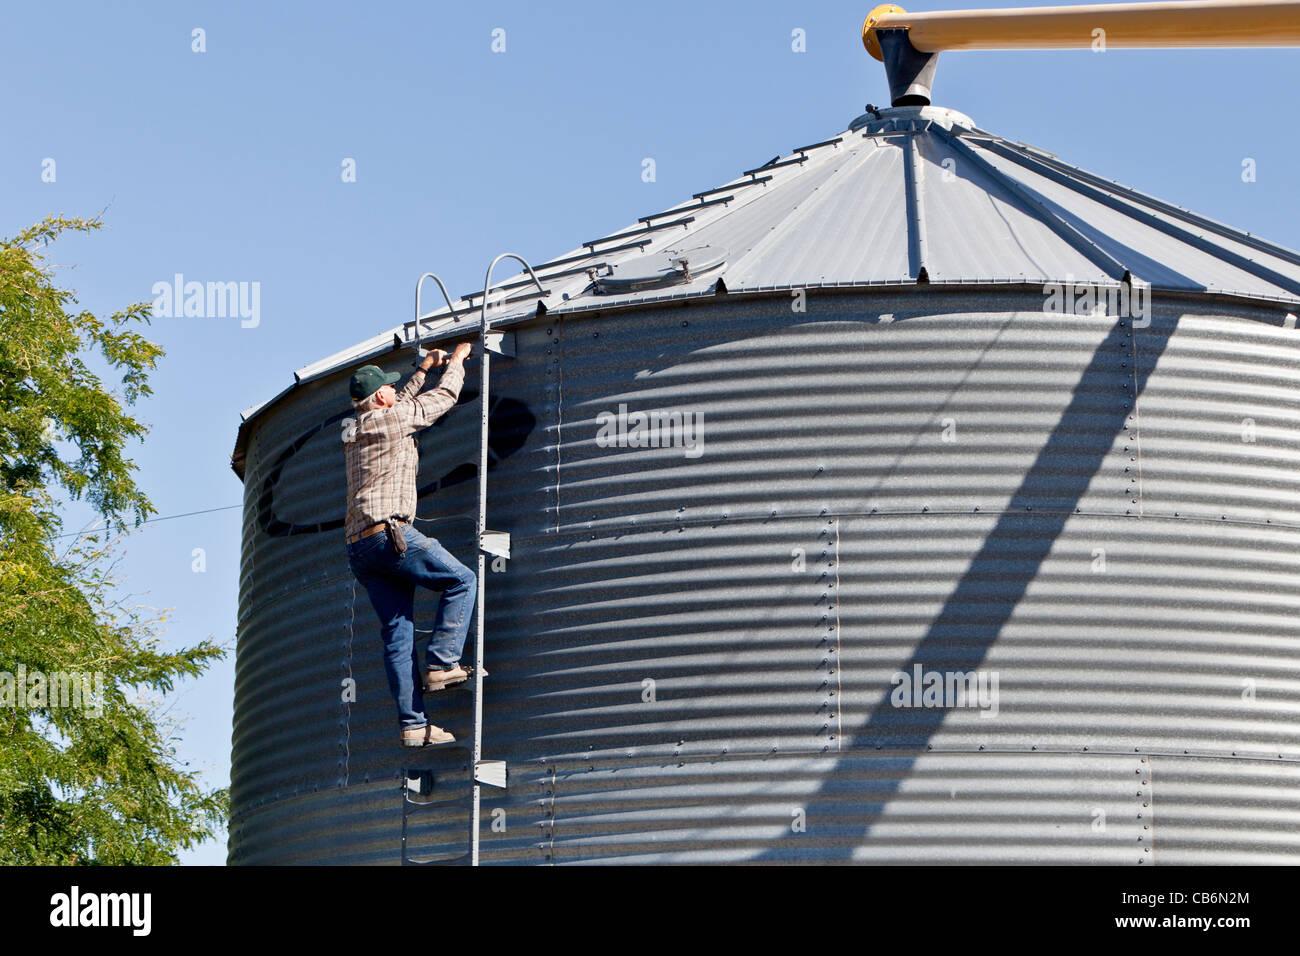 Wheat farmer climbing ladder, grain storage bin. - Stock Image